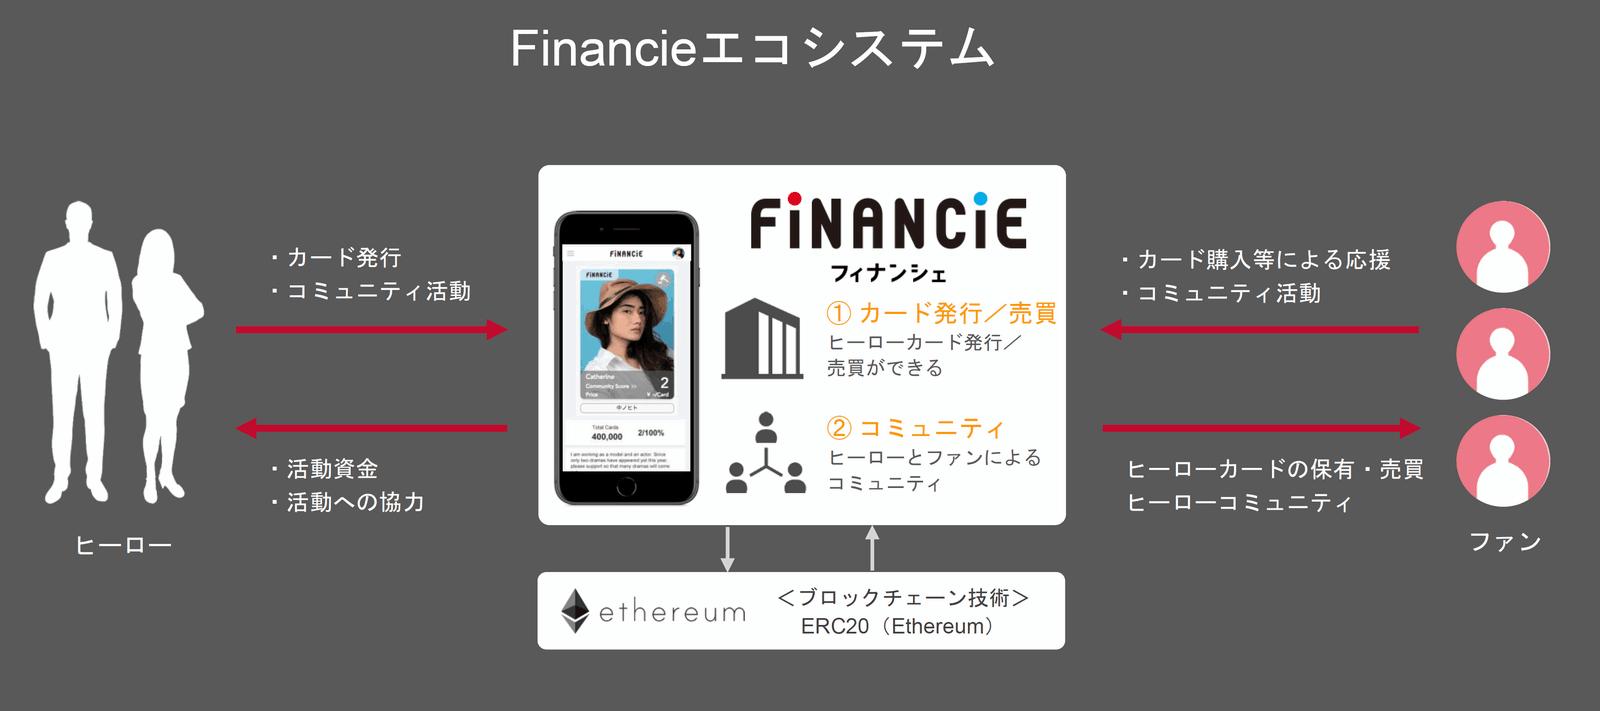 ブロックチェーンによって保有権を管理する「ヒーローカード」を介して、「ヒーロー」とそれを支援する「ファン」のコミュニティ、エコシステムが形成される(※FiNANCiEの資料より)